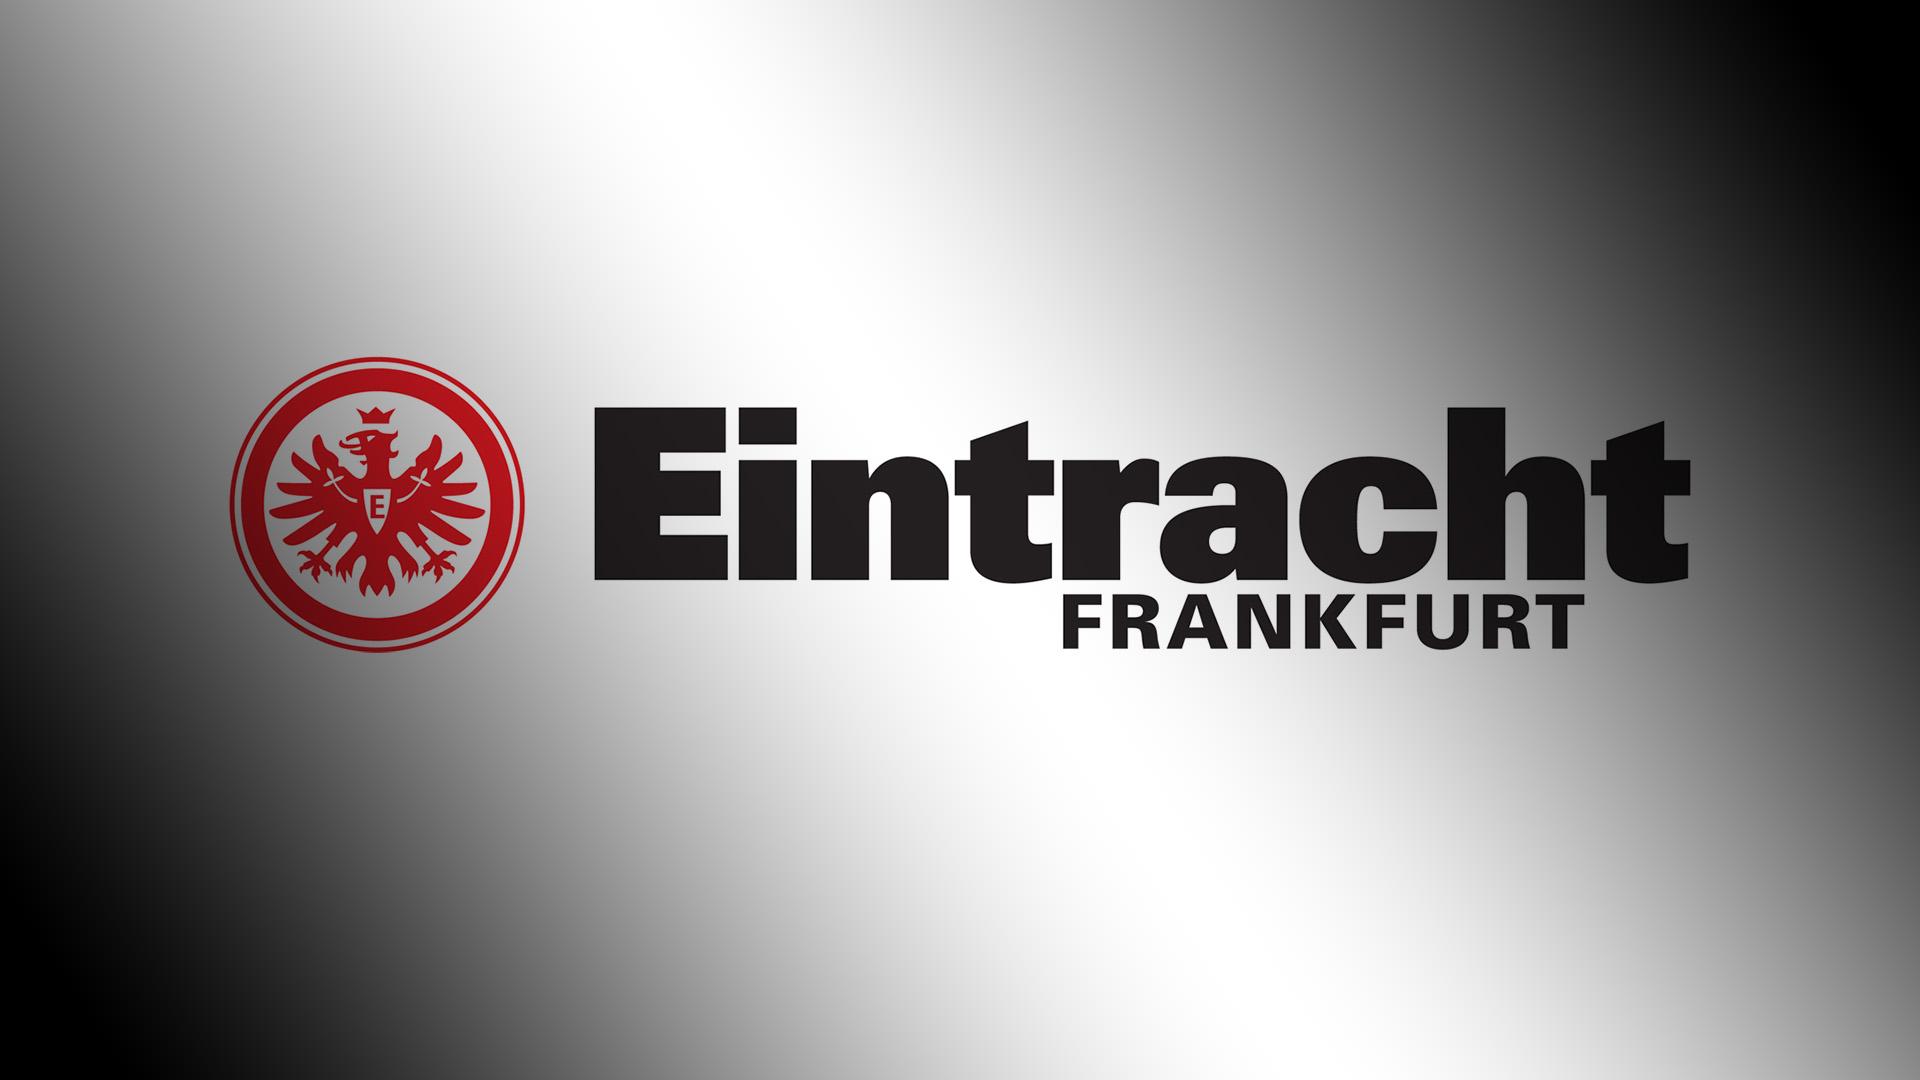 Eintracht